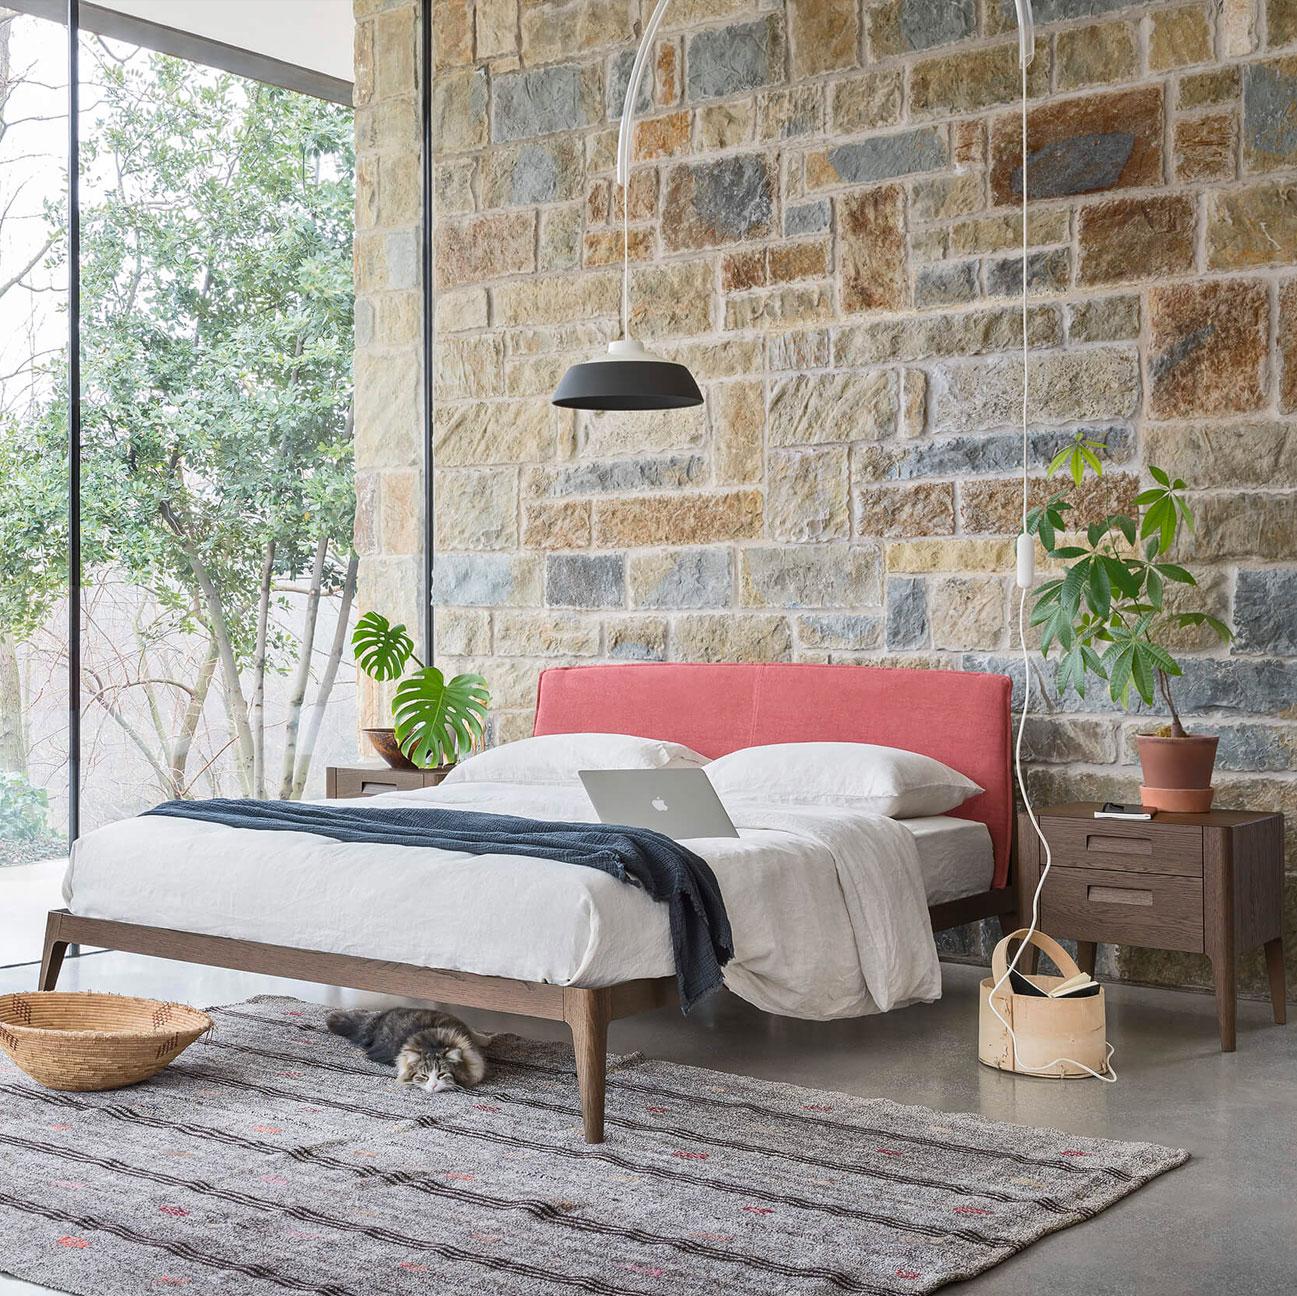 camere-da-letto-adulti-moderne-design-industria-velletri-lariano-valmontone-artena-negozio-arredamento